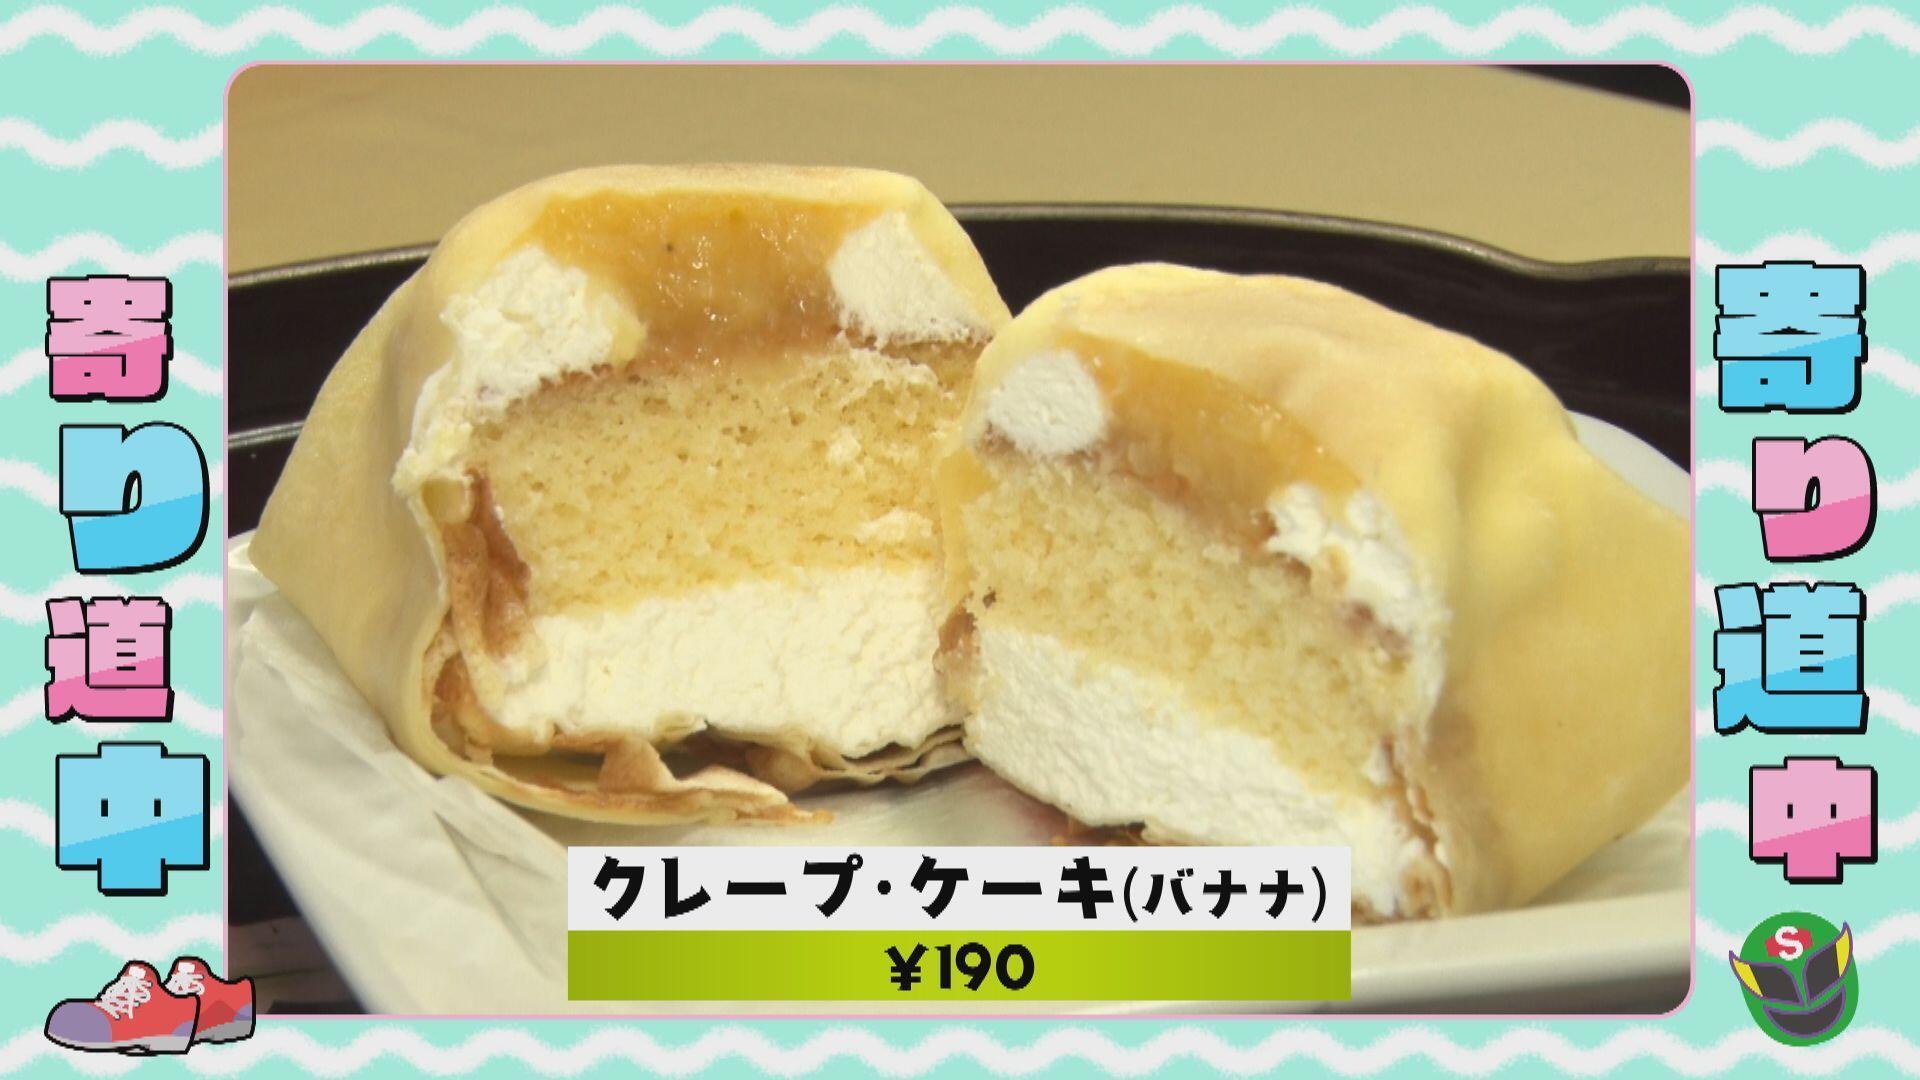 会処菓子店_画像2